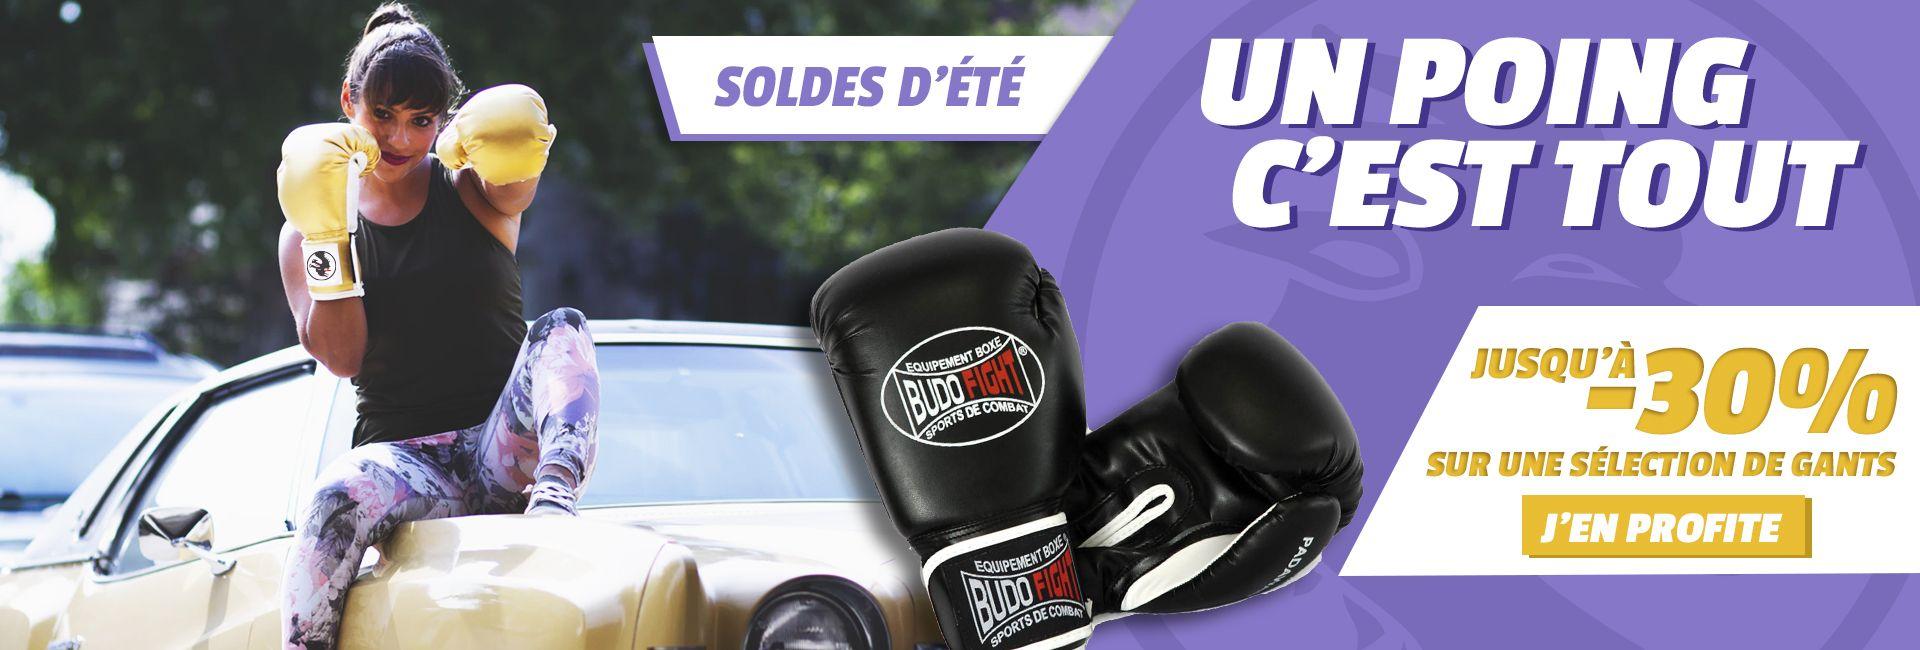 Soldes d'été Budo-Fight : jusqu'à -30% sur les gants de boxe